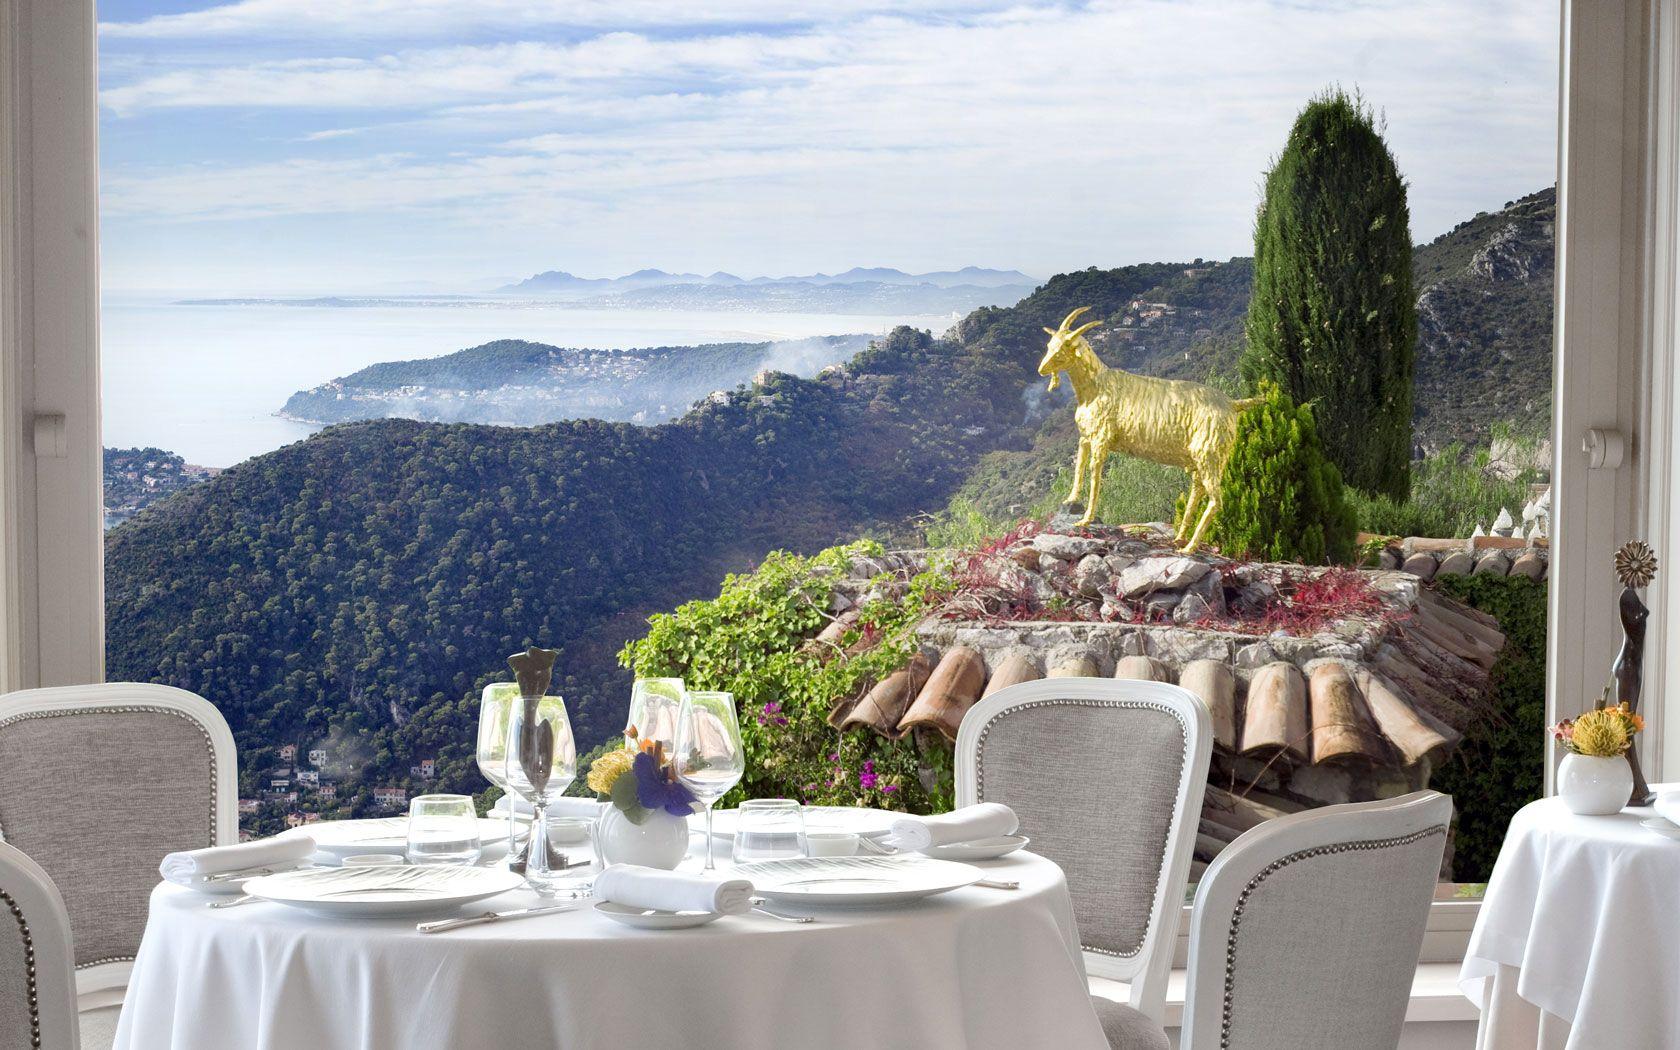 La Chevre D'Or Hotel Restaurant Eze, Cote d'Azur French